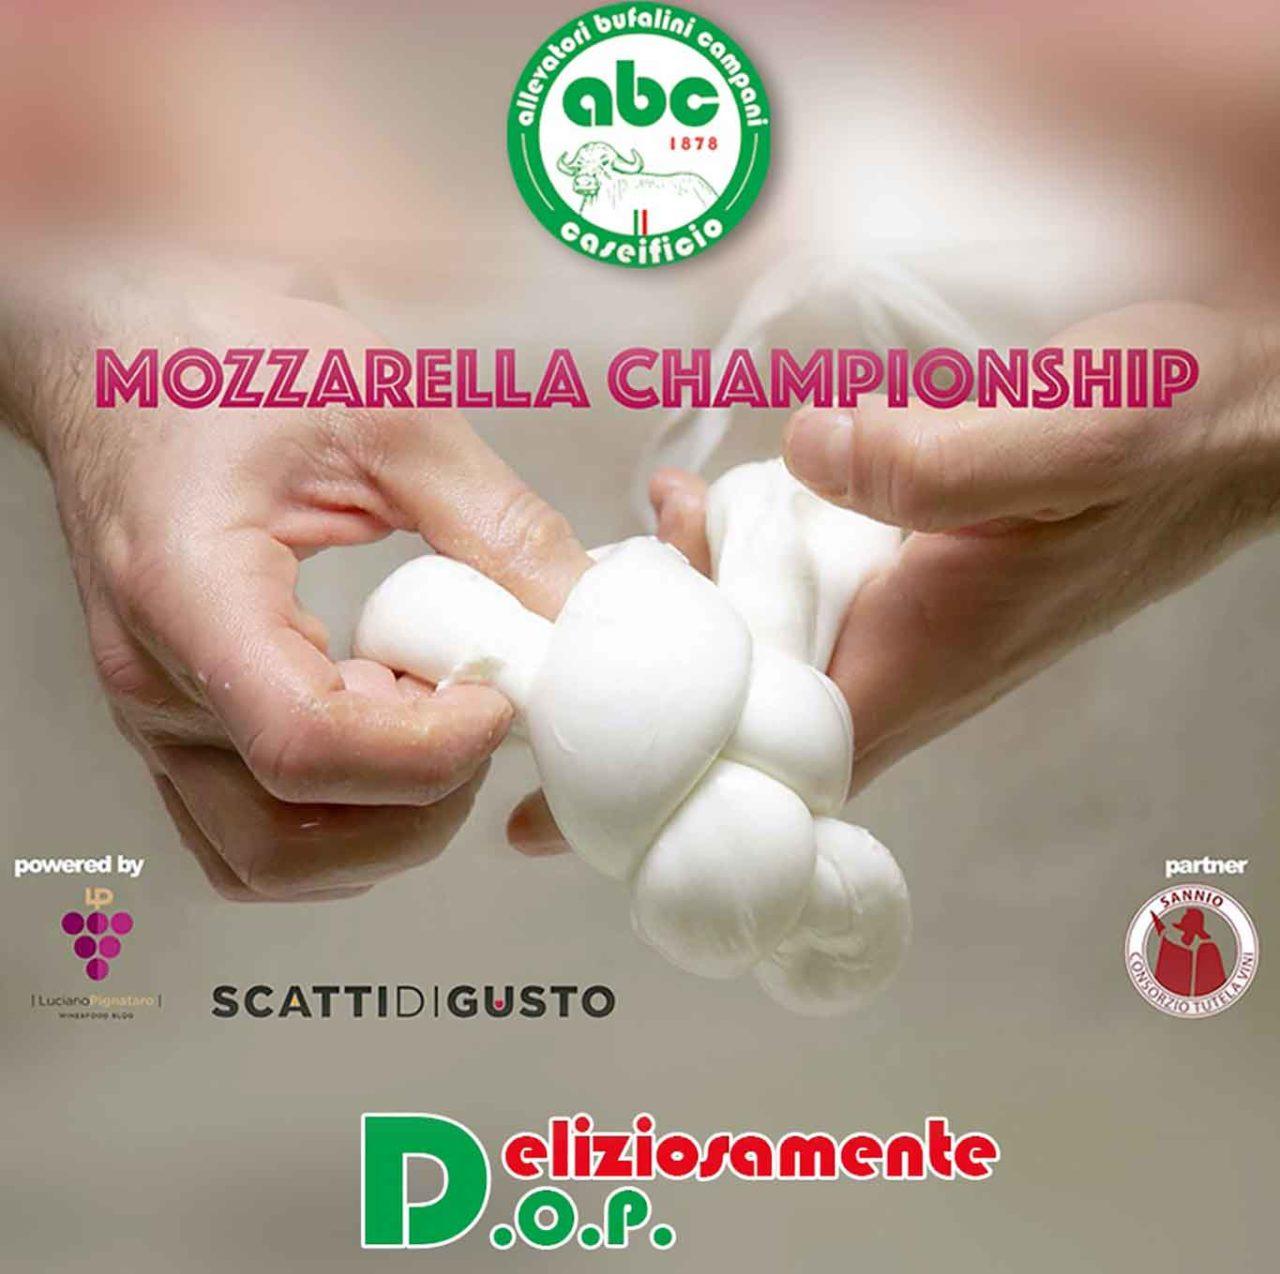 mozzarella championship